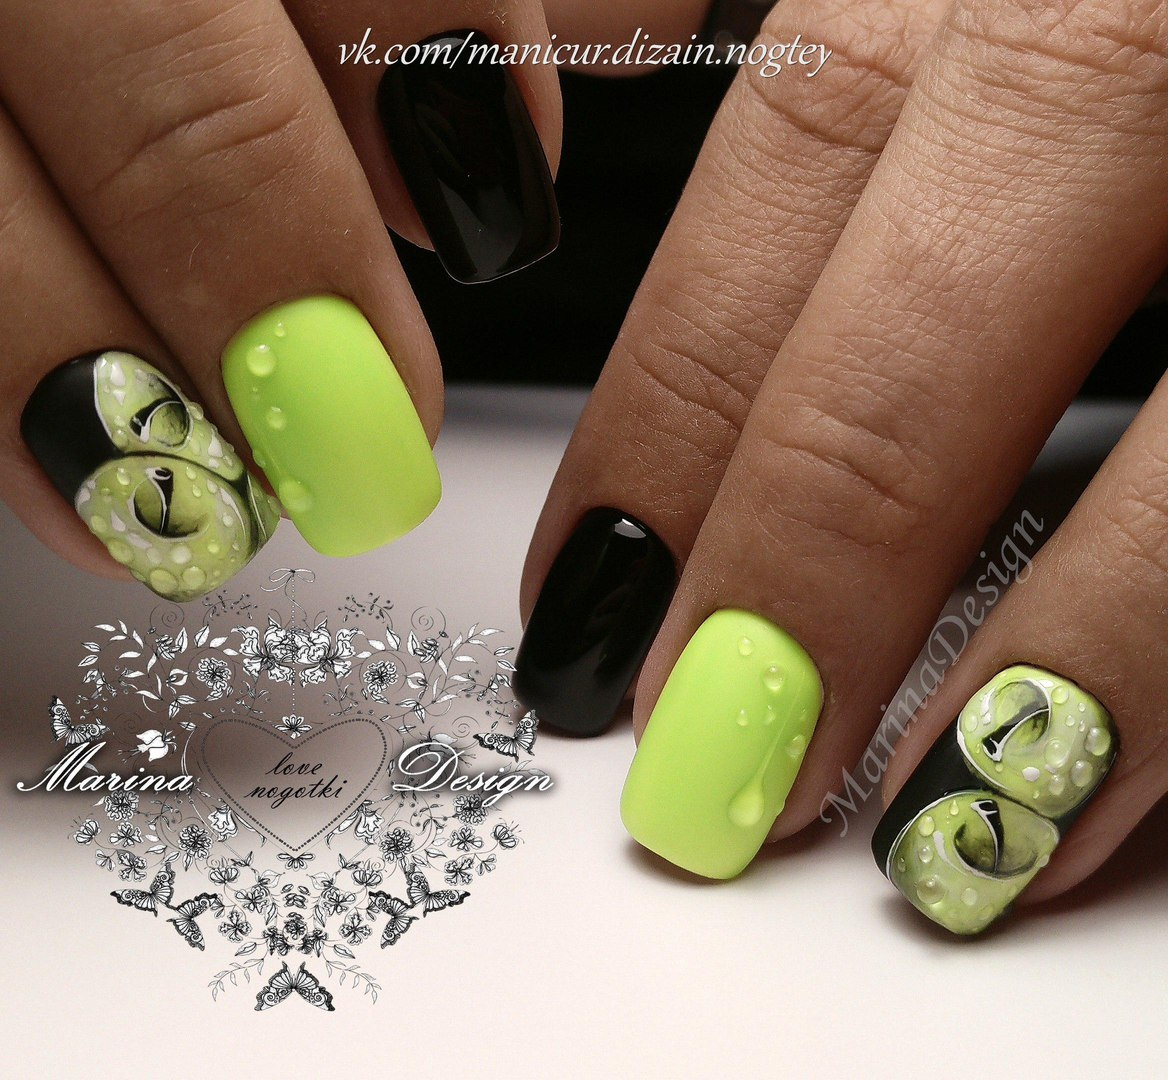 28 green of images nail art